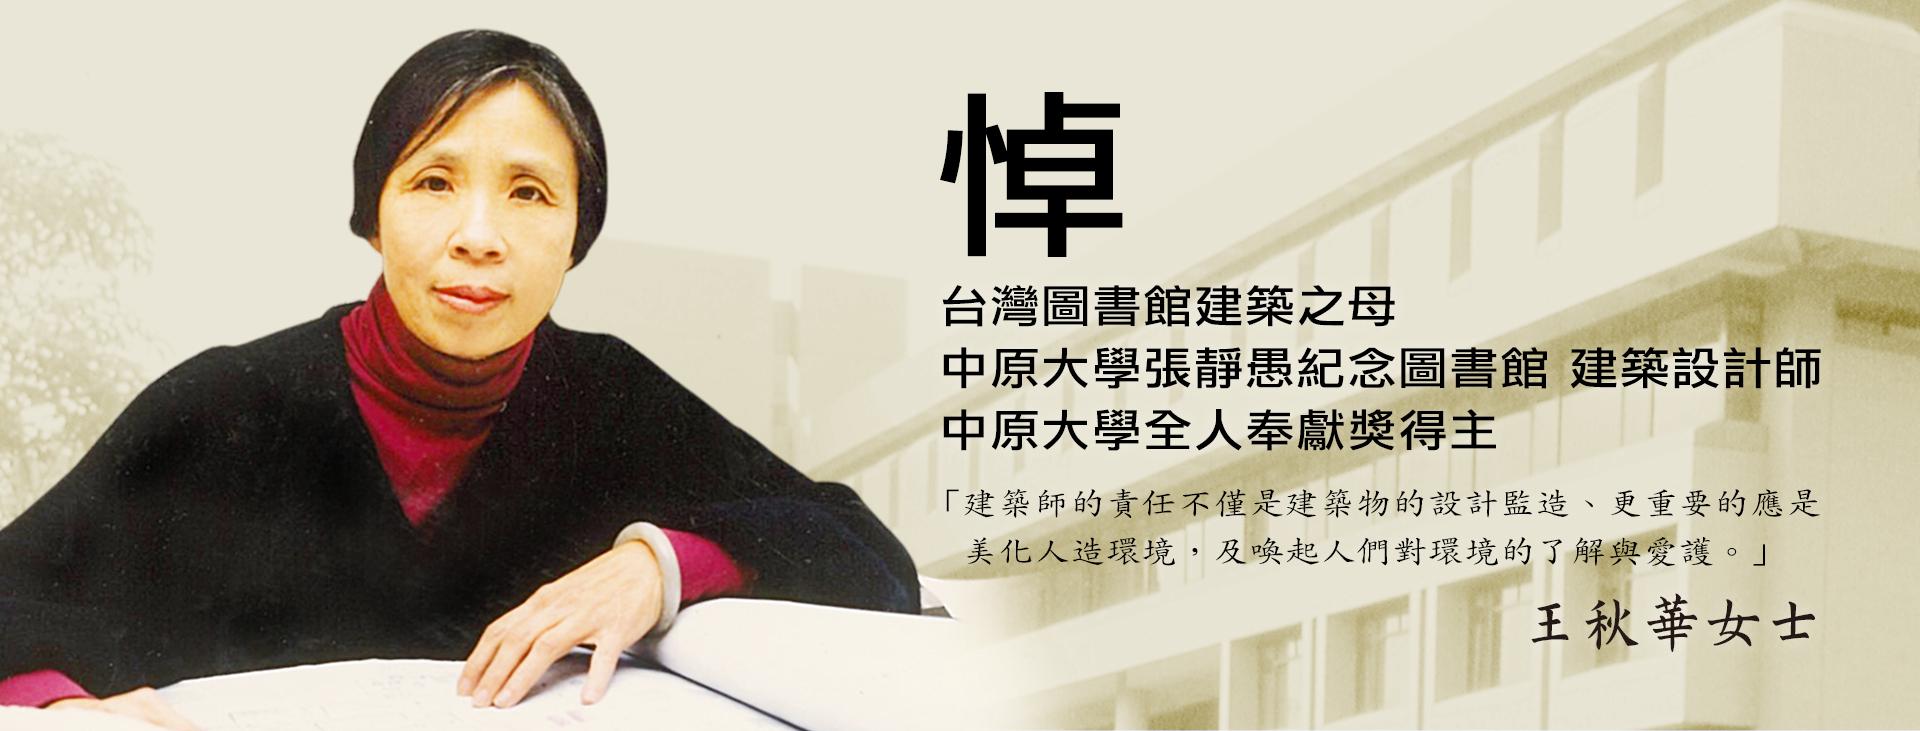 悼念王秋華女士